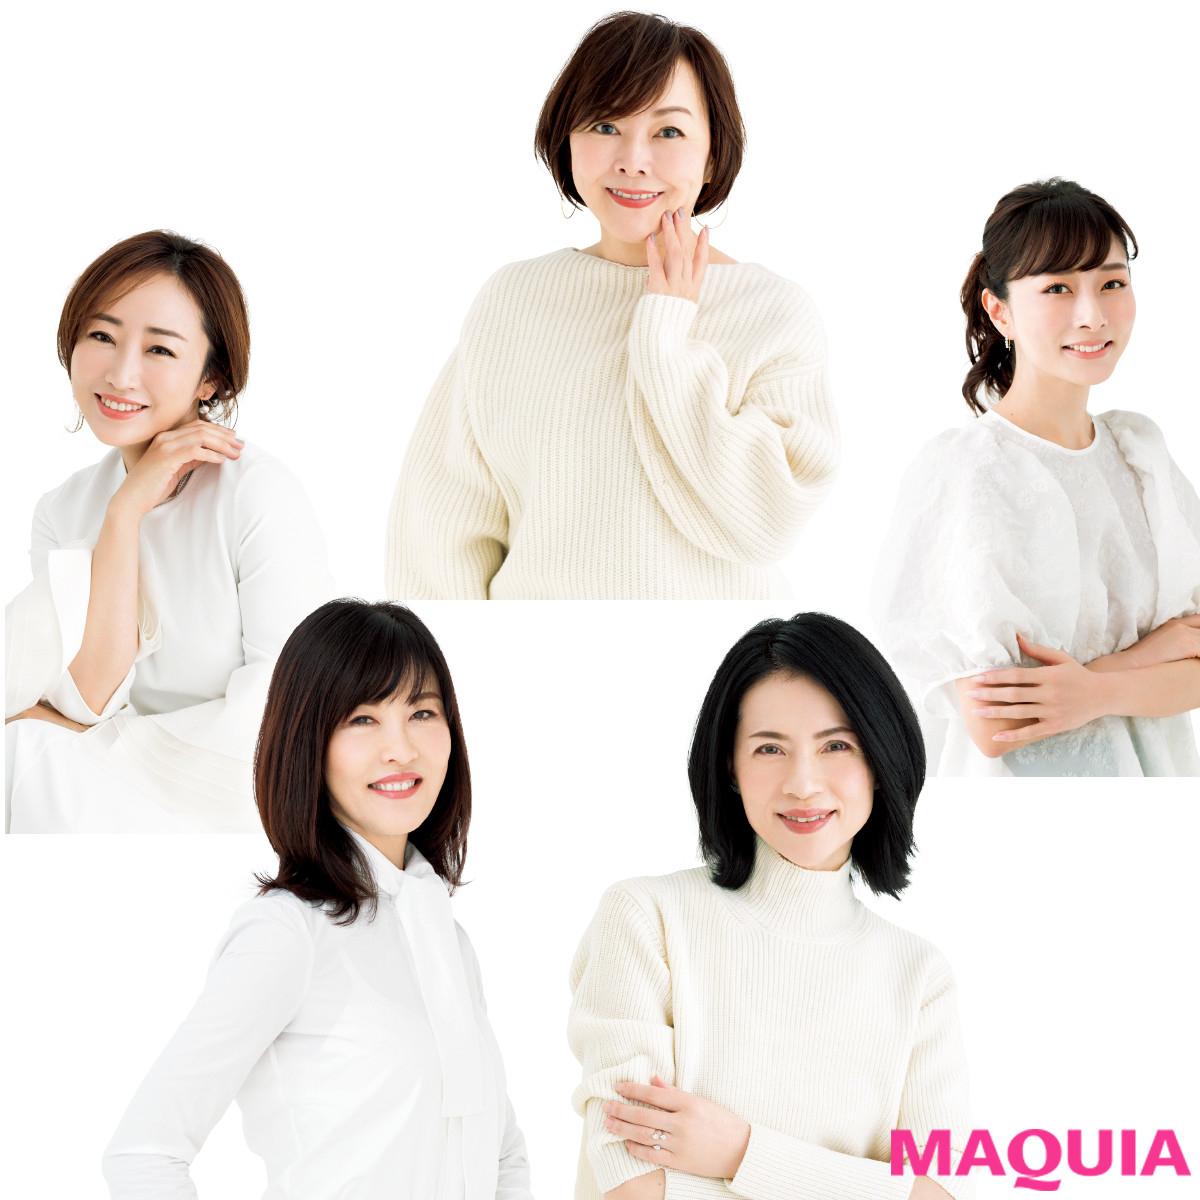 神崎 恵さん、石井美保さん、松本千登世さんetc. 美賢者たちが始めた「ひとつだけ、新しいこと」